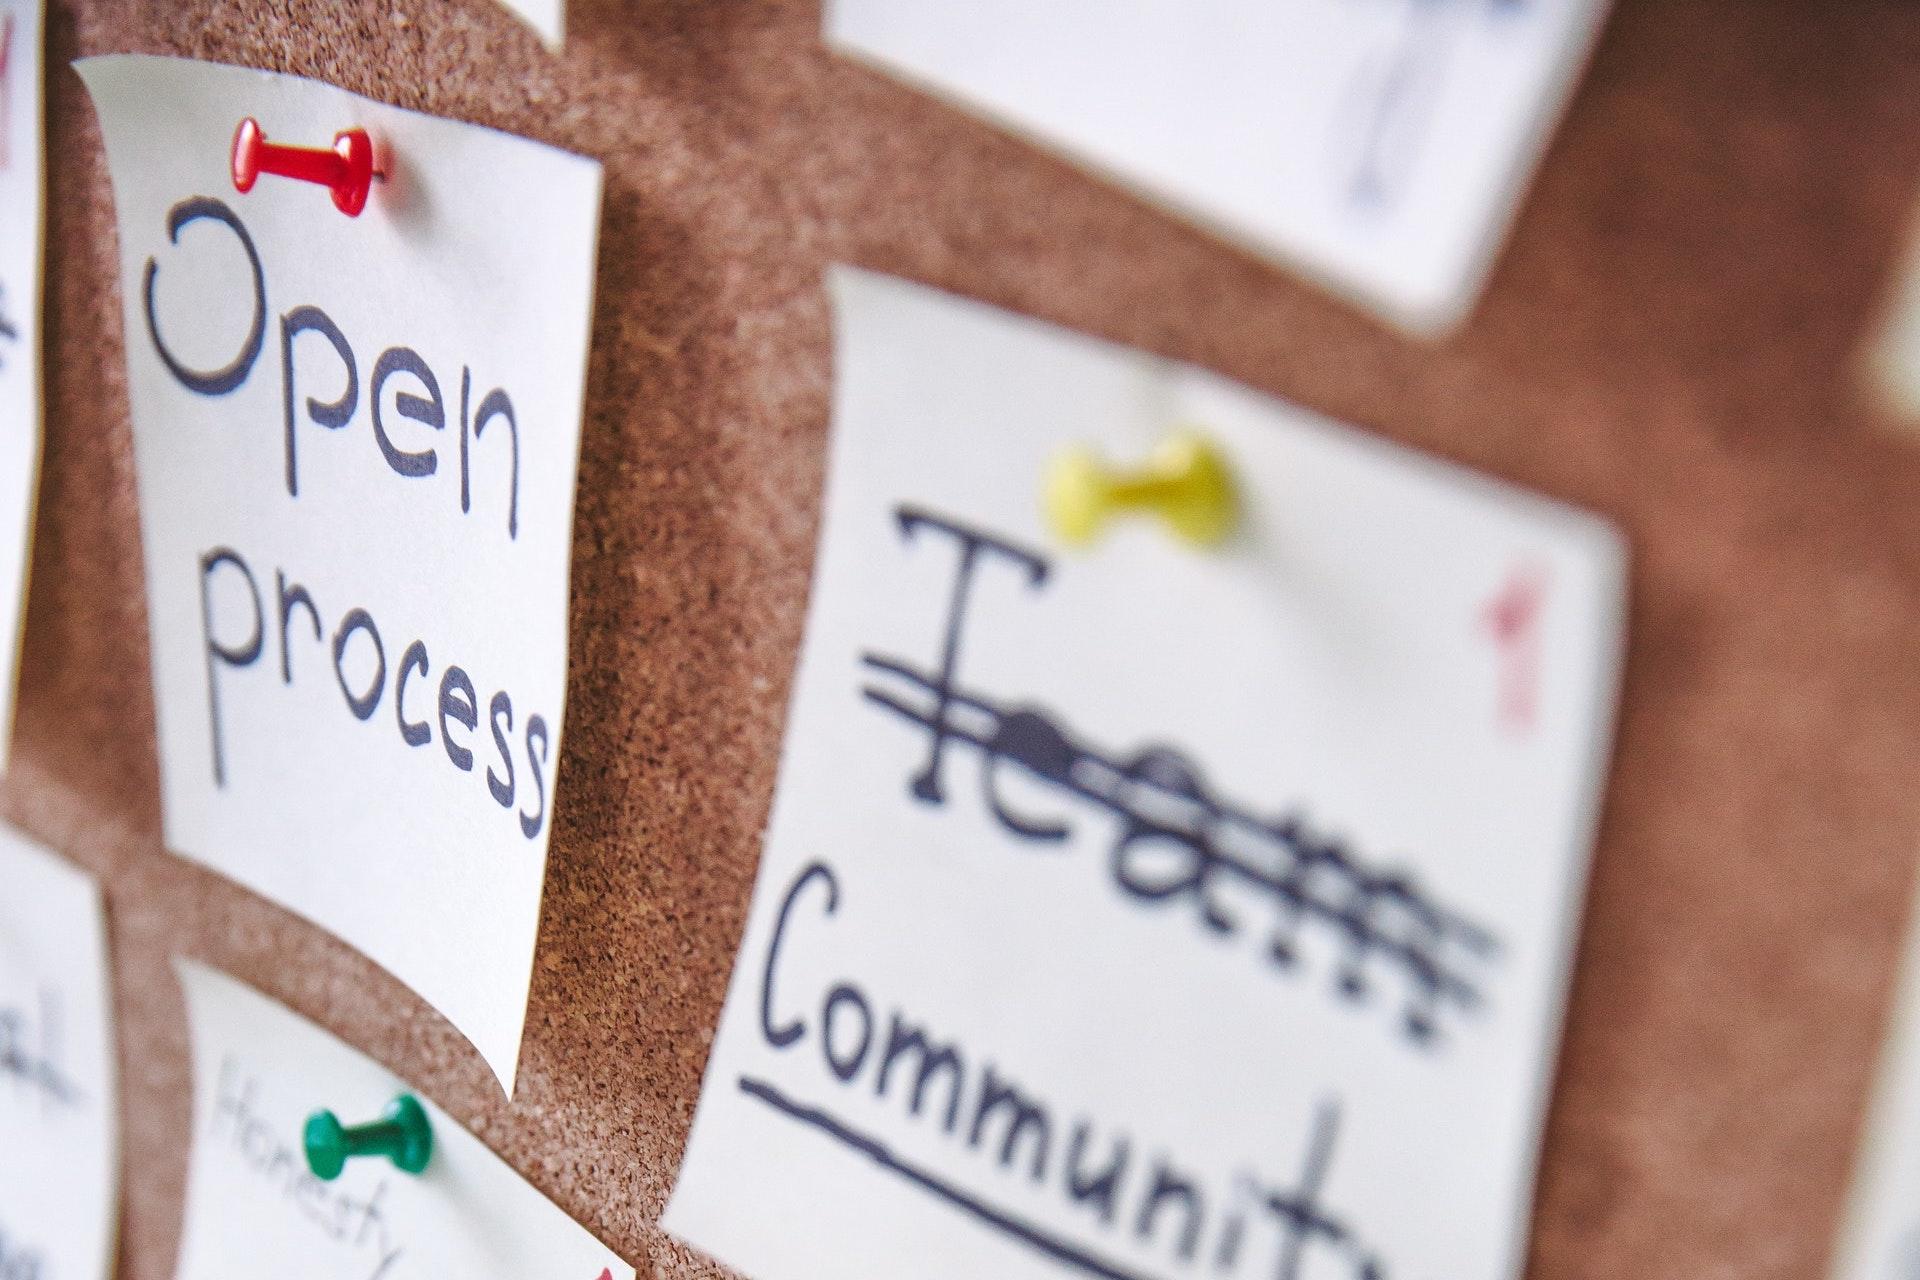 Inovação na prática empresarial: learning community e criação de valor